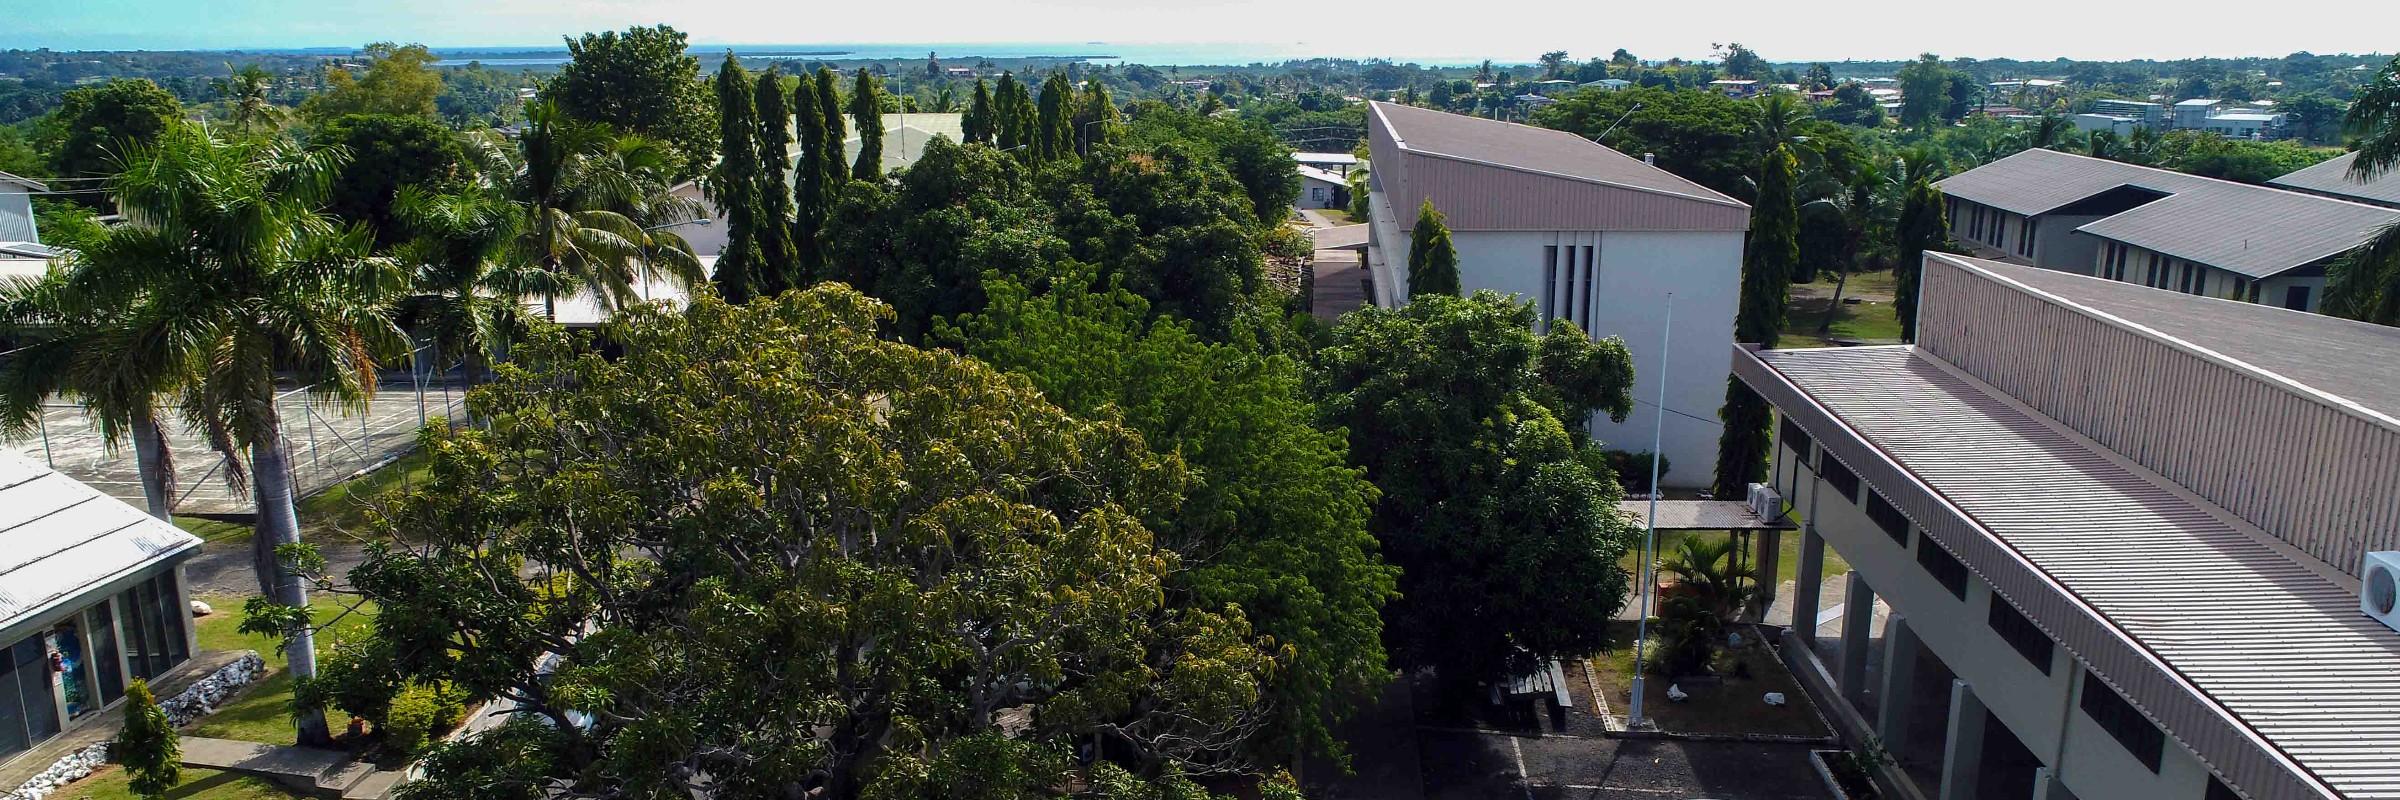 Natabua Campus